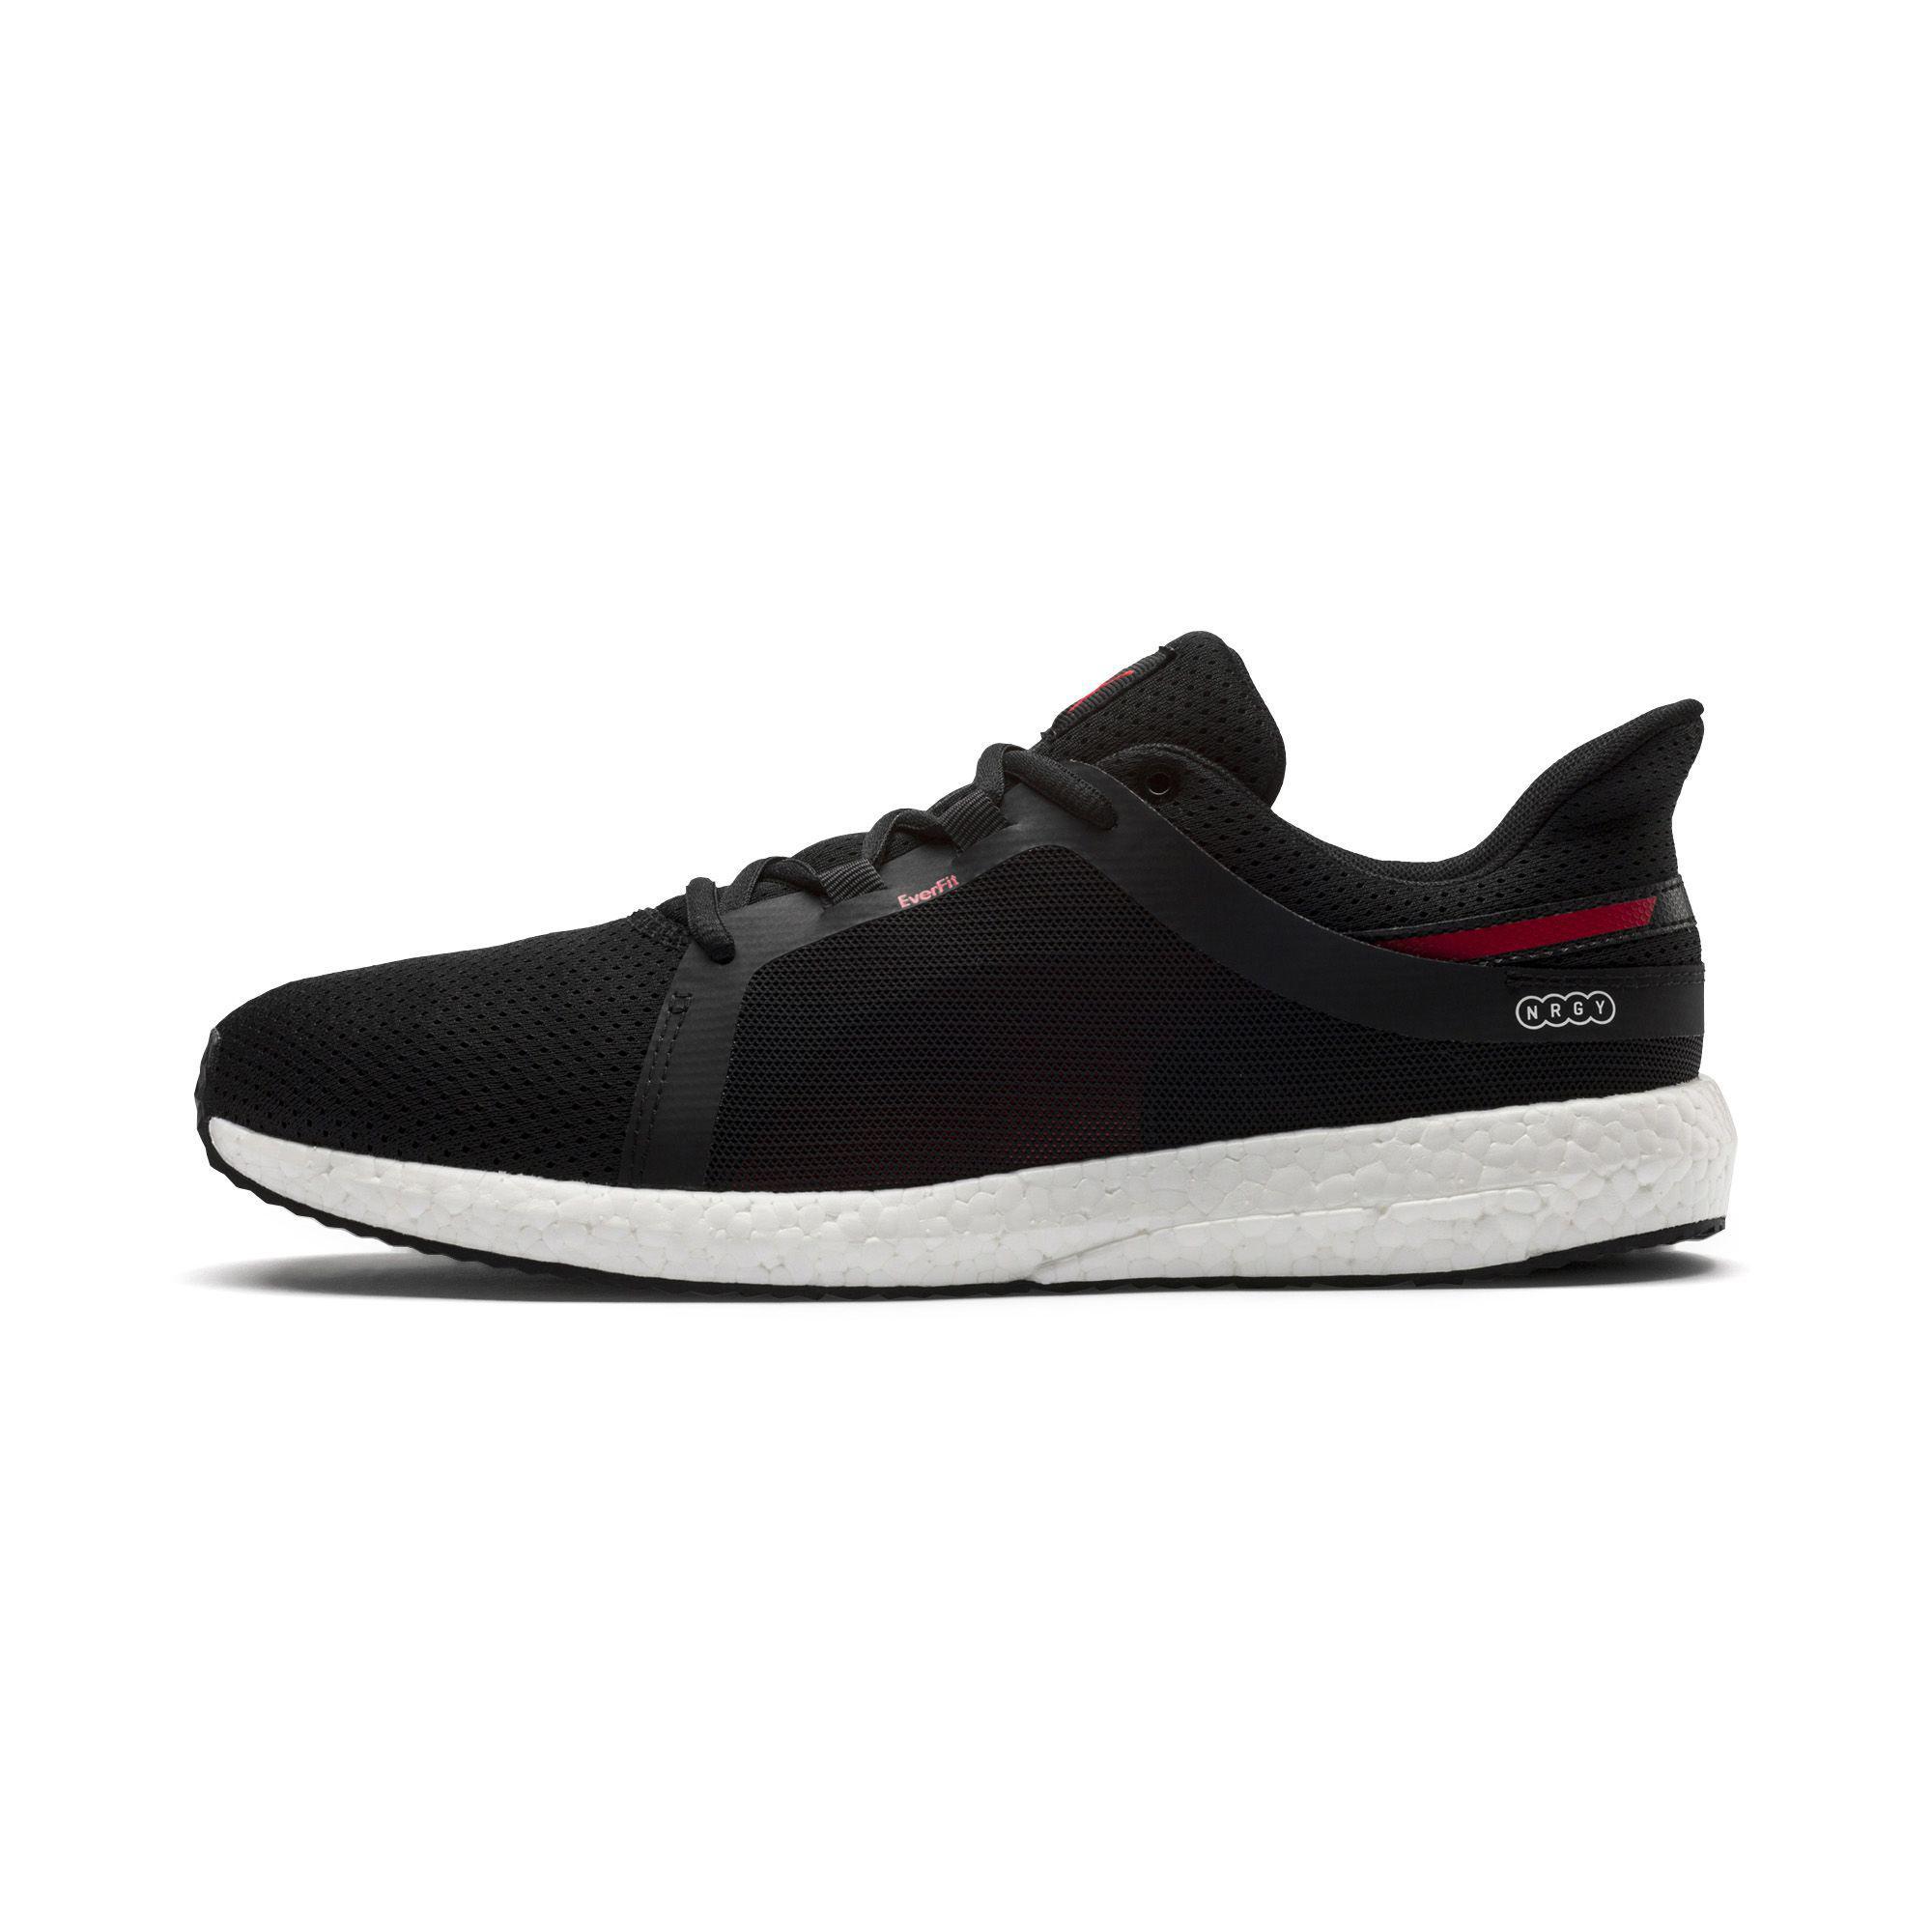 0c546d45e0ab81 Lyst - PUMA Mega Nrgy Turbo 2 Men s Running Shoes in Black for Men